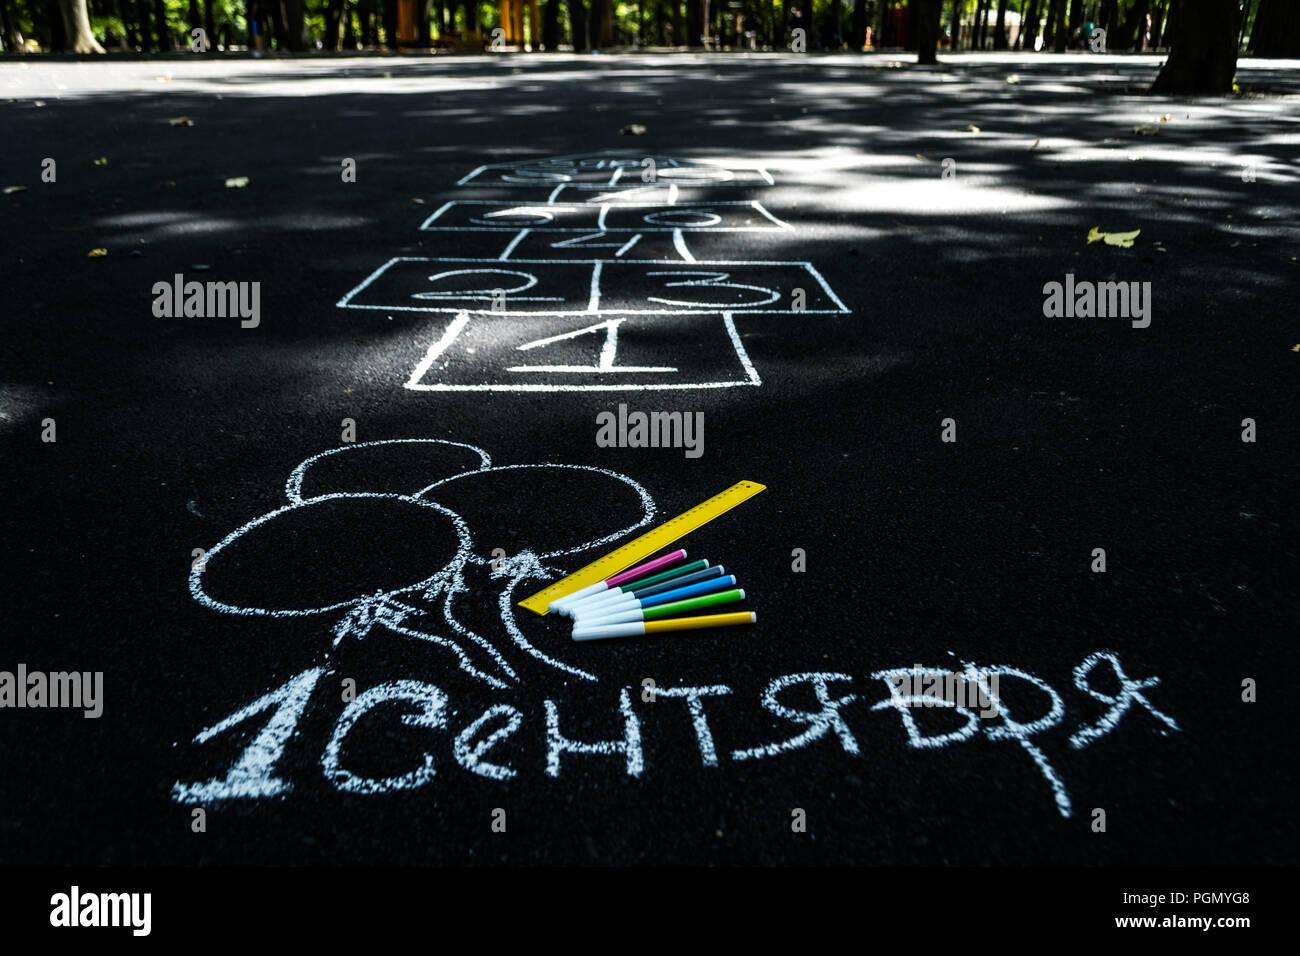 Weißer Kreide auf den schwarzen Asphalt Gedenkstein in russisch September 1. Gelbe Linie, farbige Markierungen, bemalt Kugeln, Hopse Stockbild